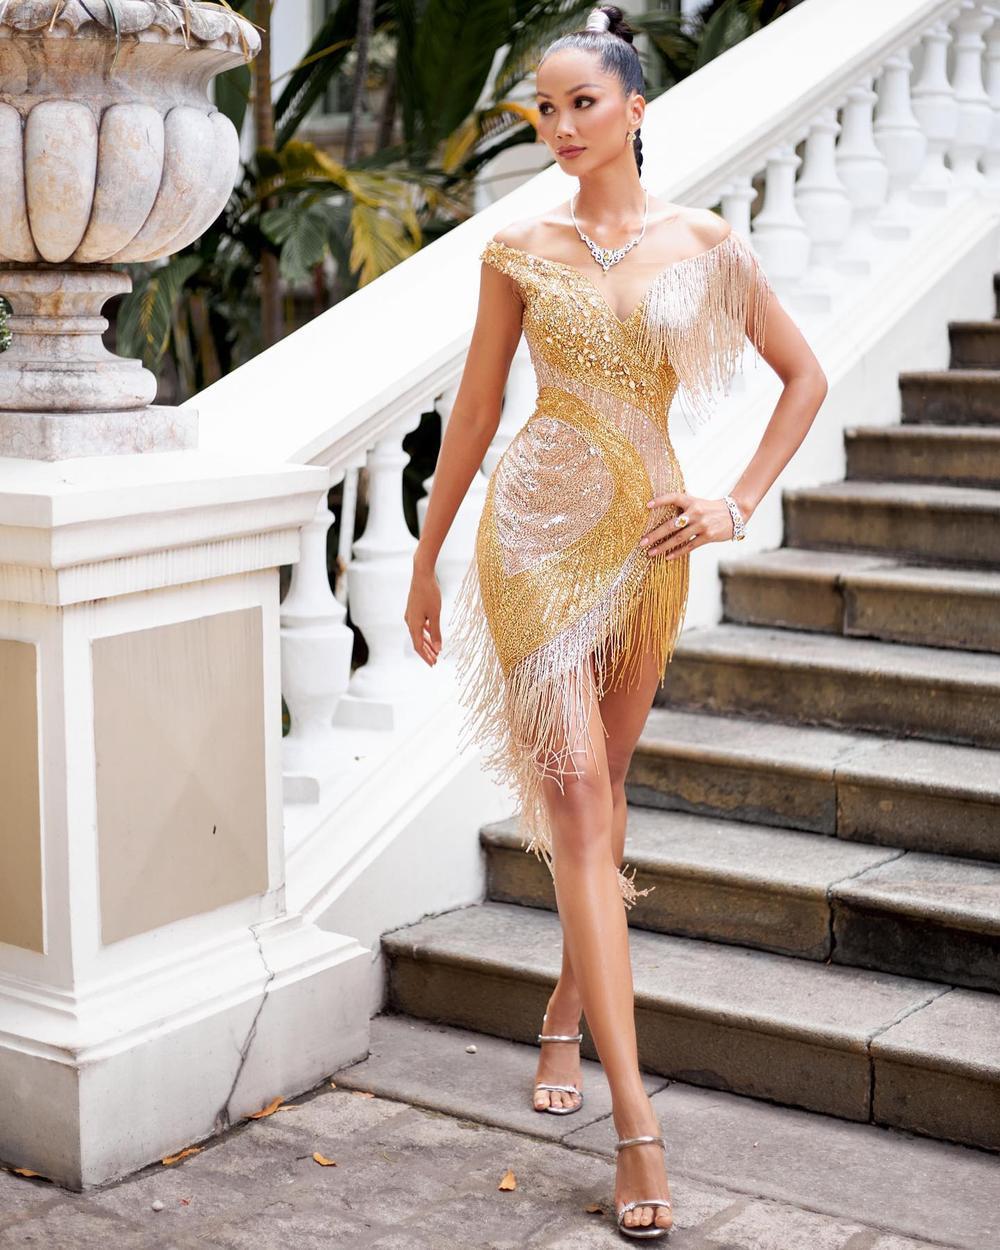 Miss Universe Vietnam 2021 khởi động, H'Hen Niê trở thành giám khảo tìm kiếm nhan sắc kế nhiệm Khánh Vân Ảnh 7